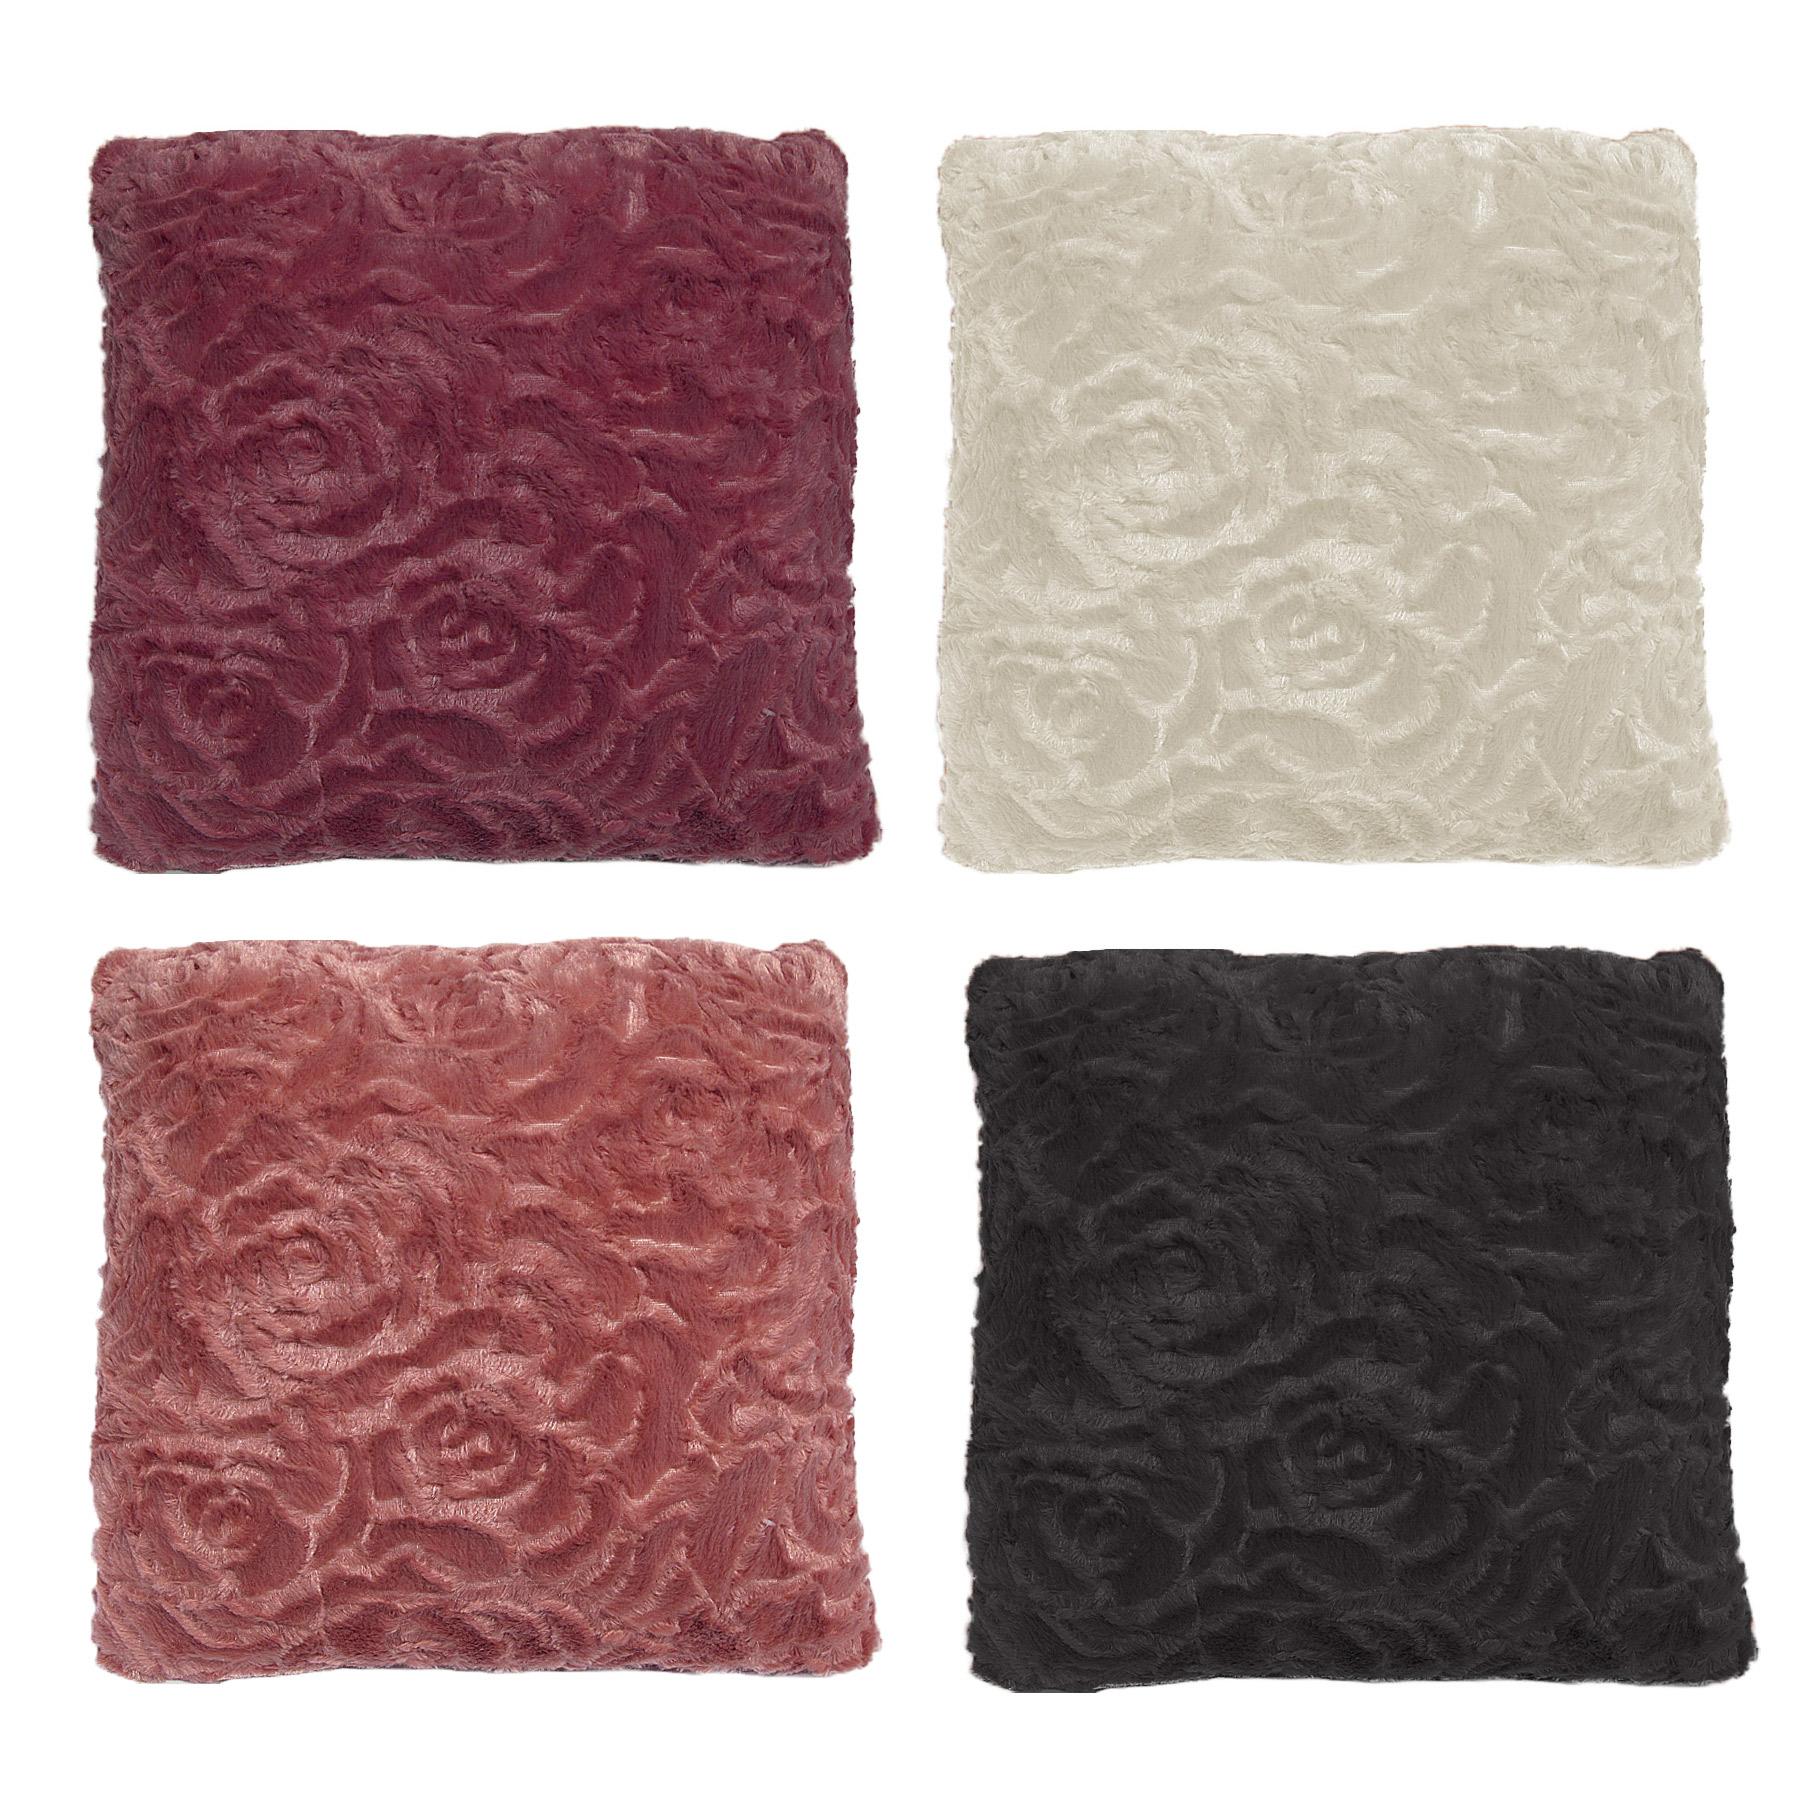 ROSE Faux Fur FILLED Cushion 45cm X 45cm BURGUNDY, DUSTY